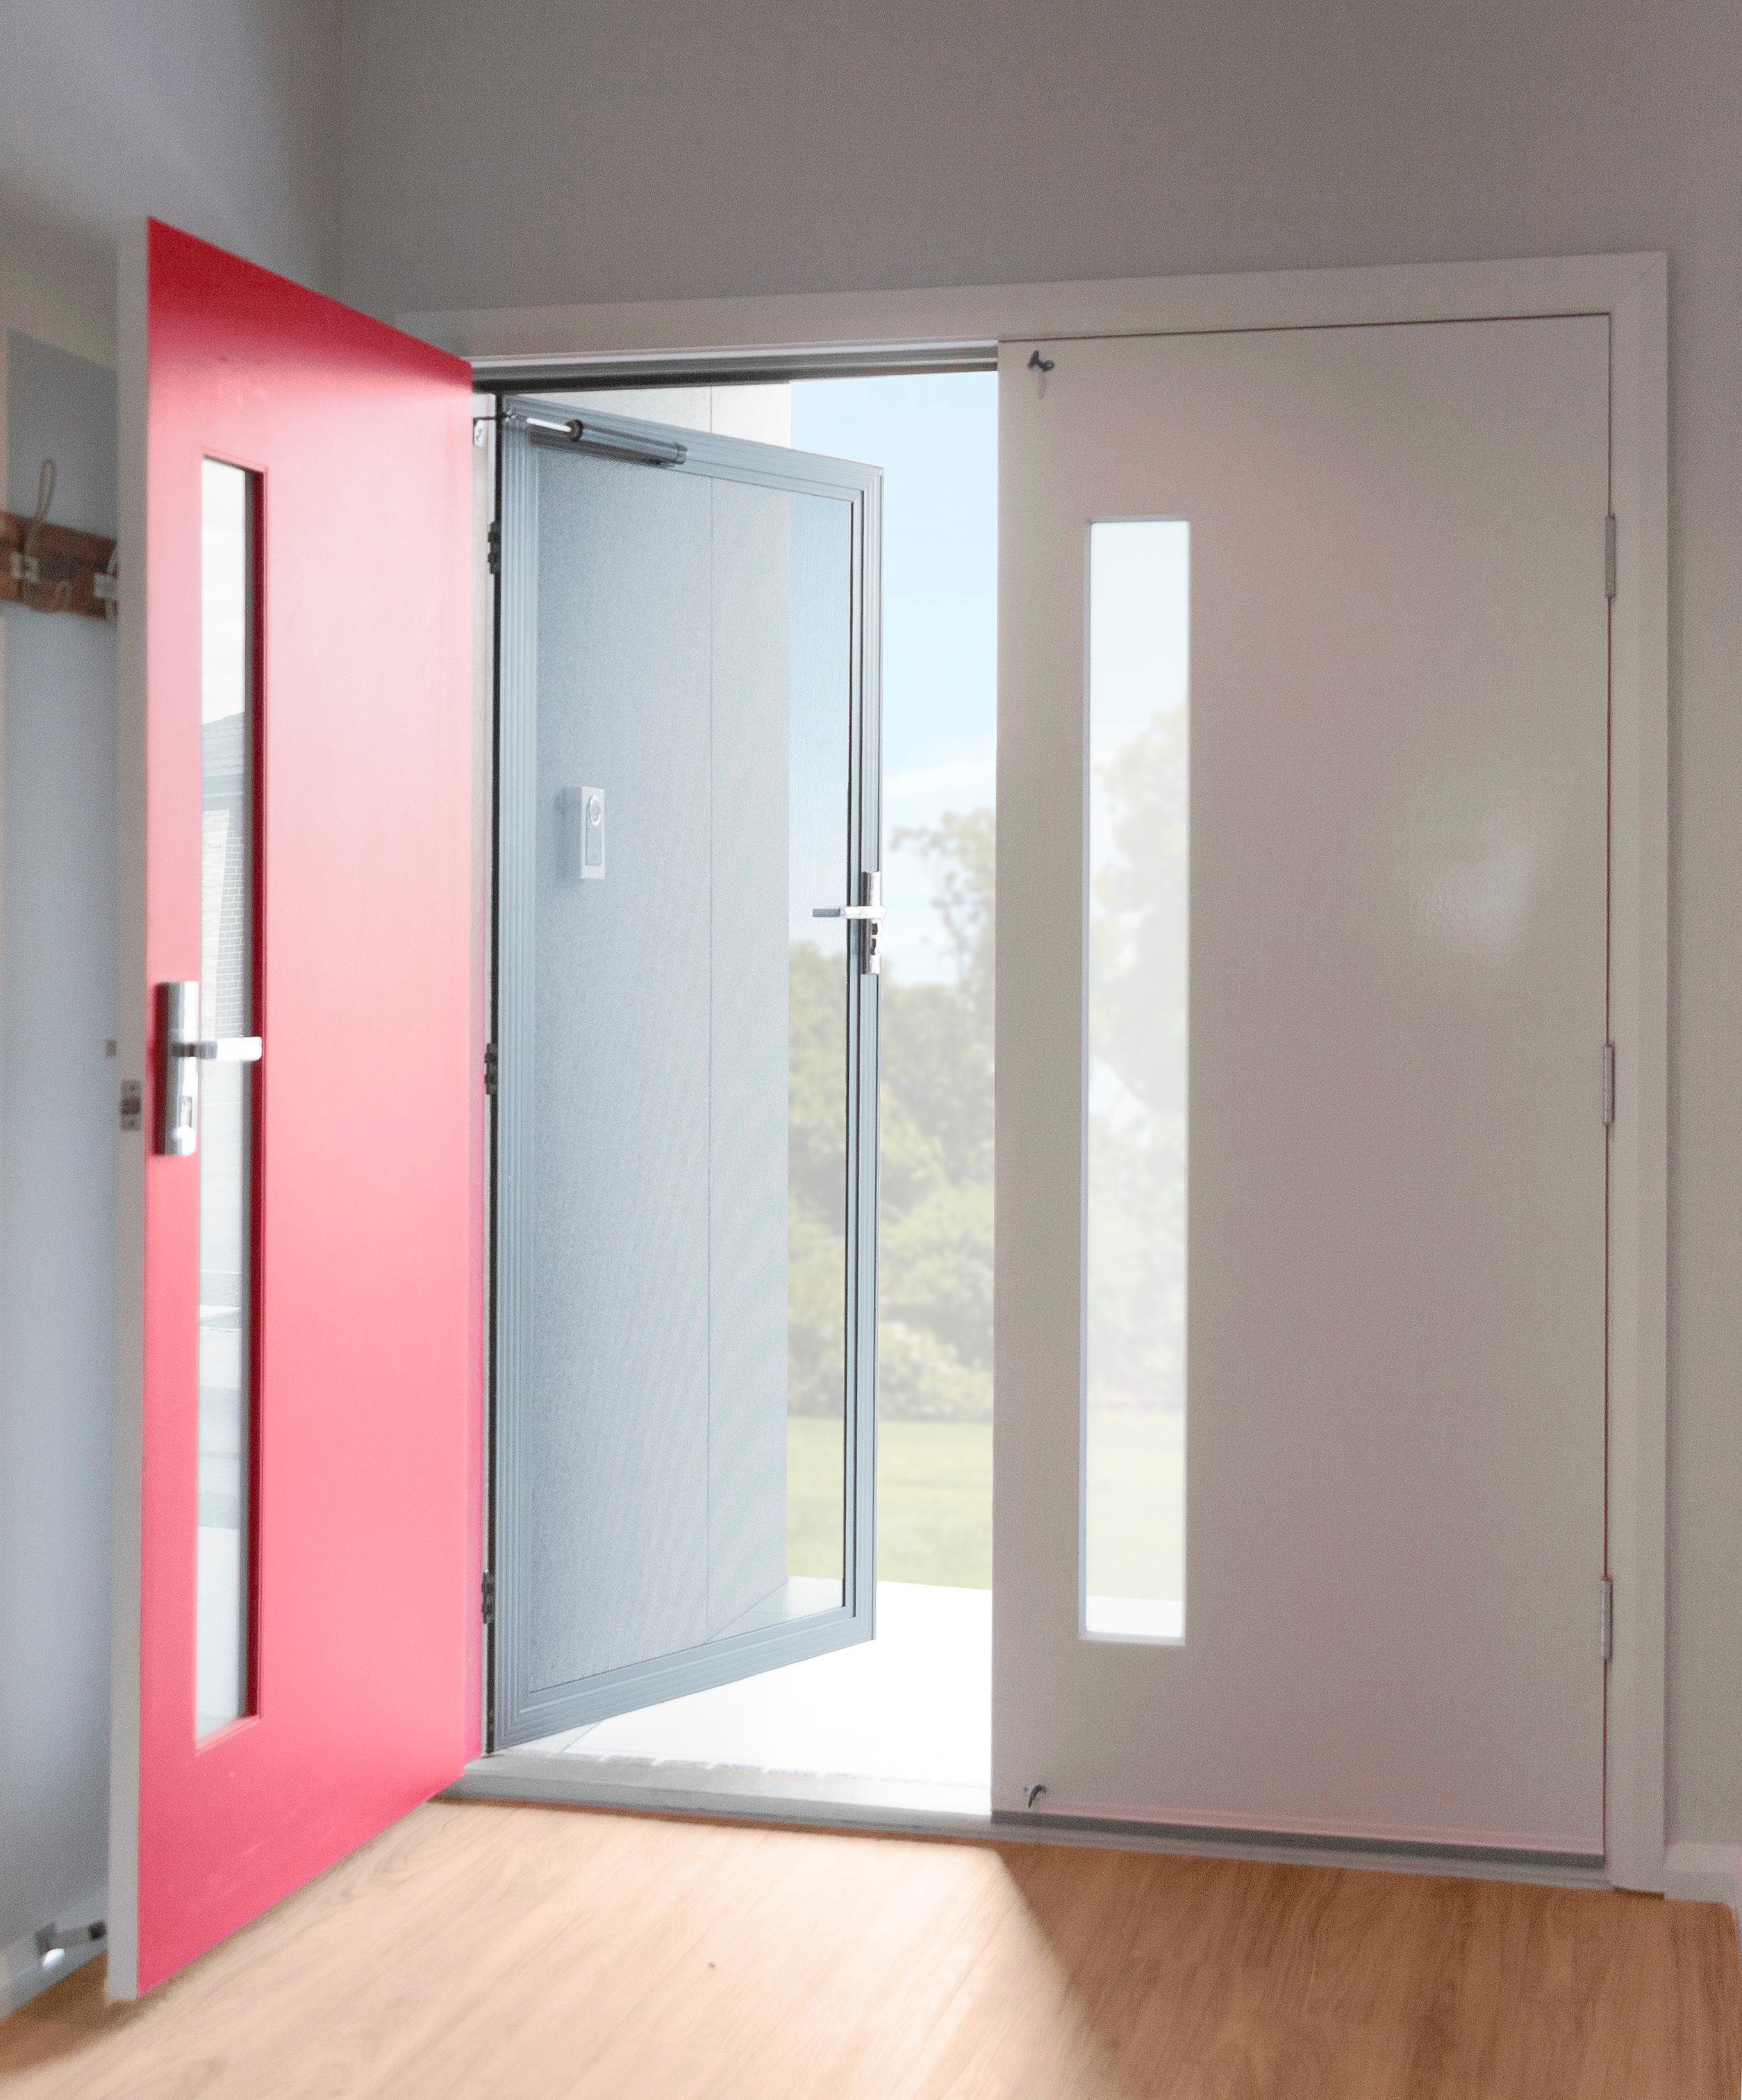 What is a security door?